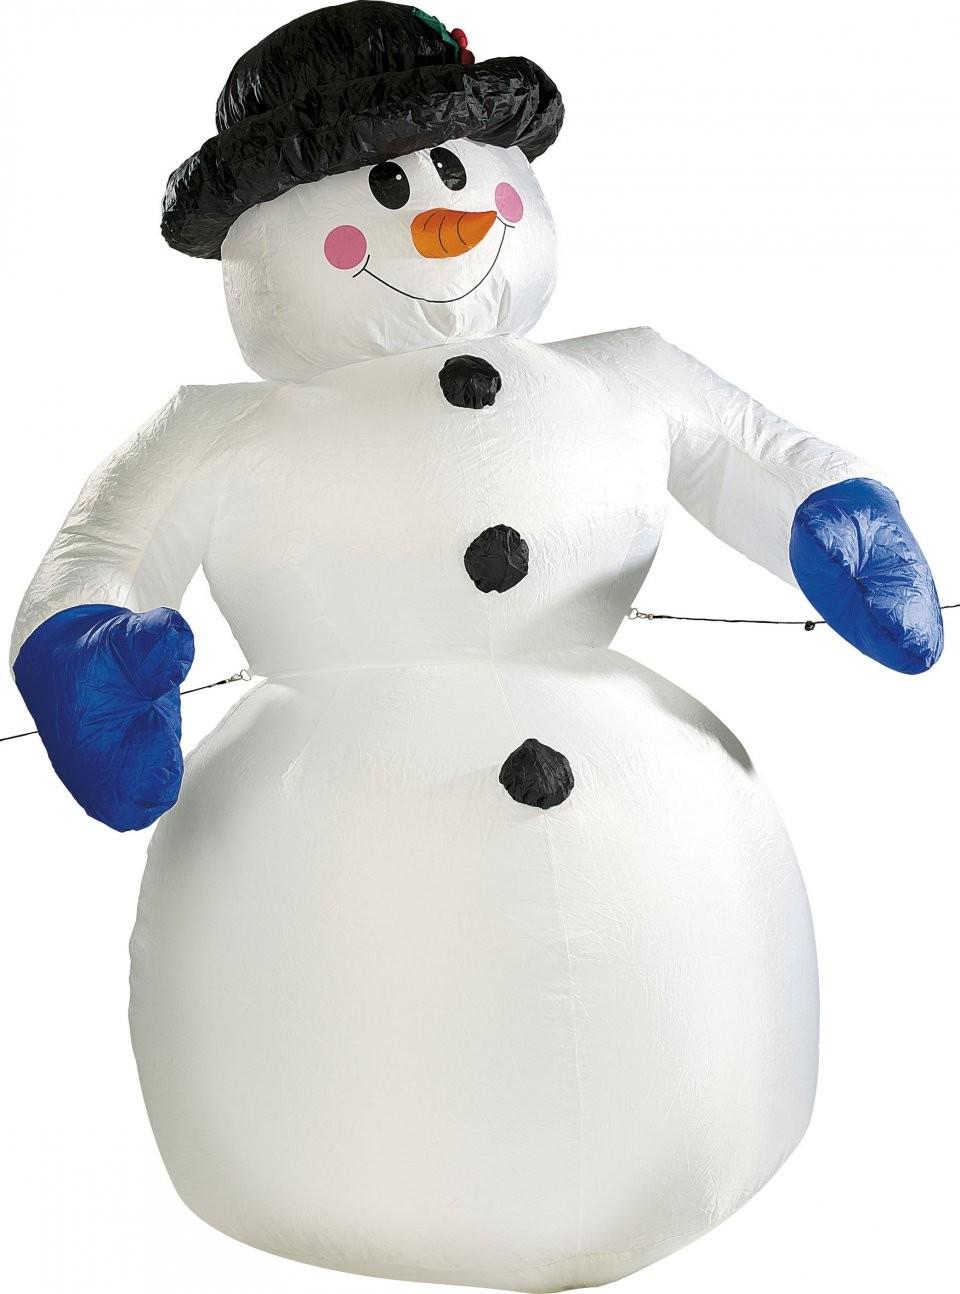 Decoration de noel bonhomme de neige - Bonhomme de neige decoration exterieure ...